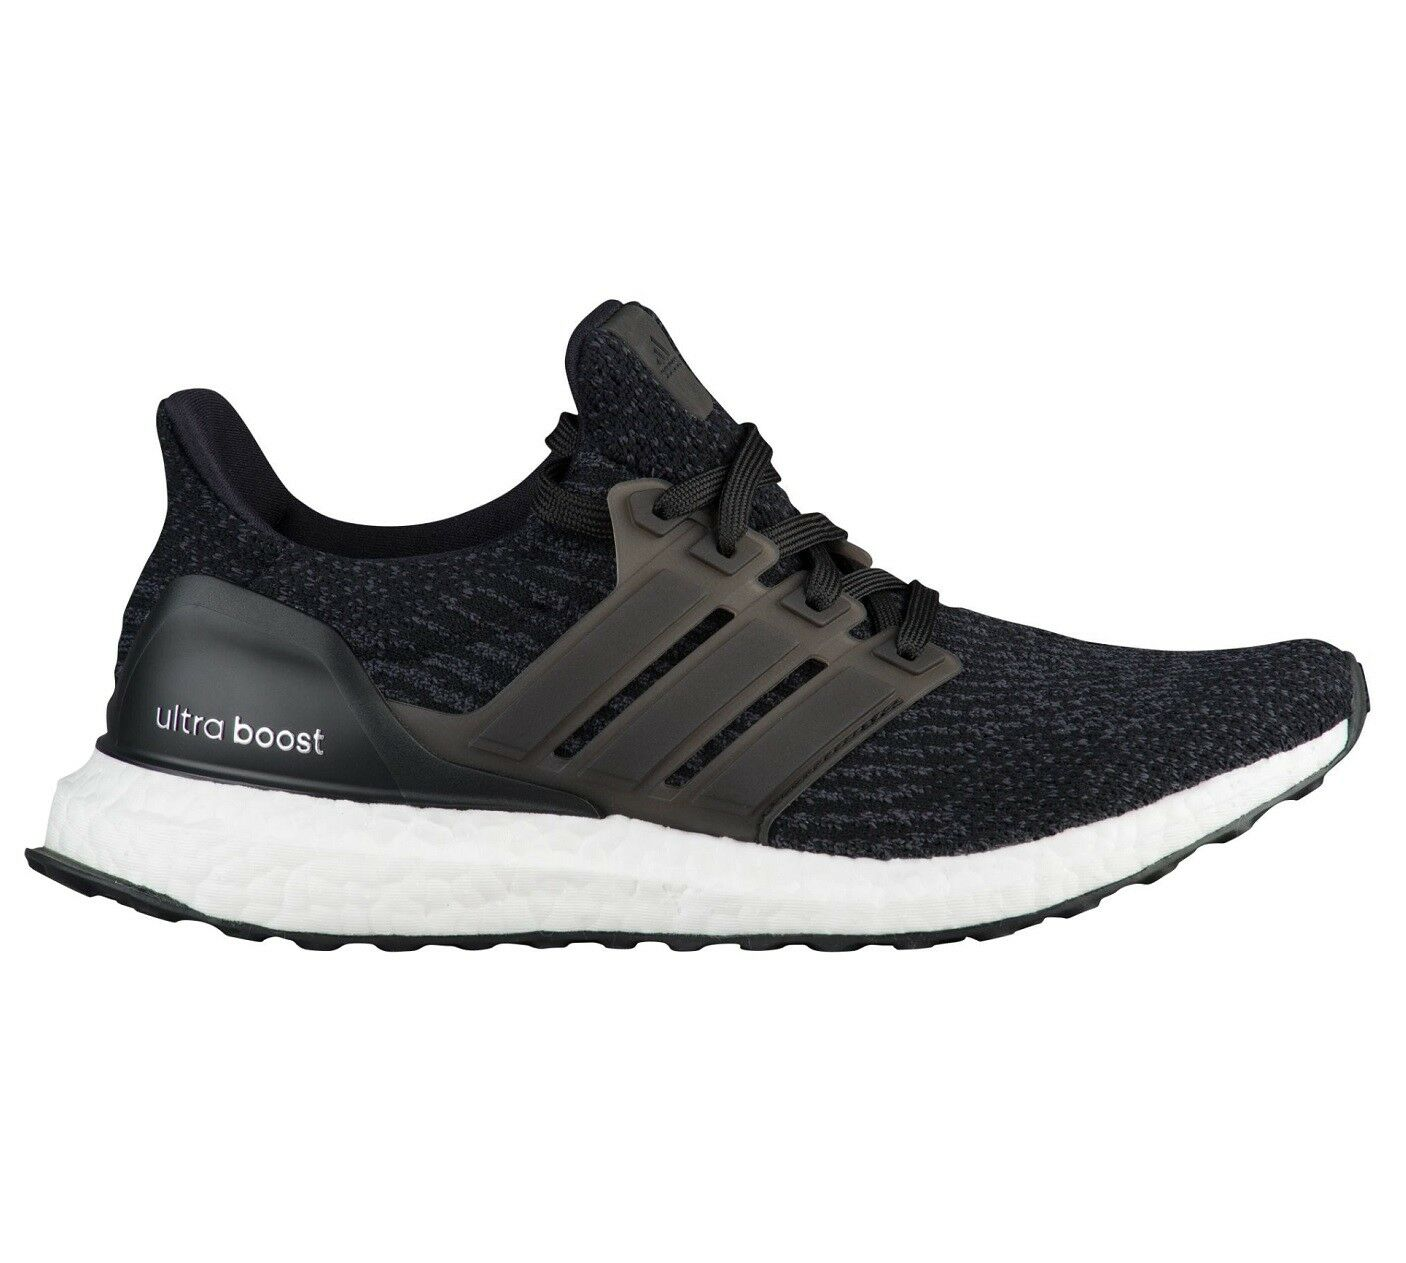 Adidas ultra promuovere donne s80682 bianco 8,5 nero primeknit scarpe taglia 8,5 bianco 1b55e5